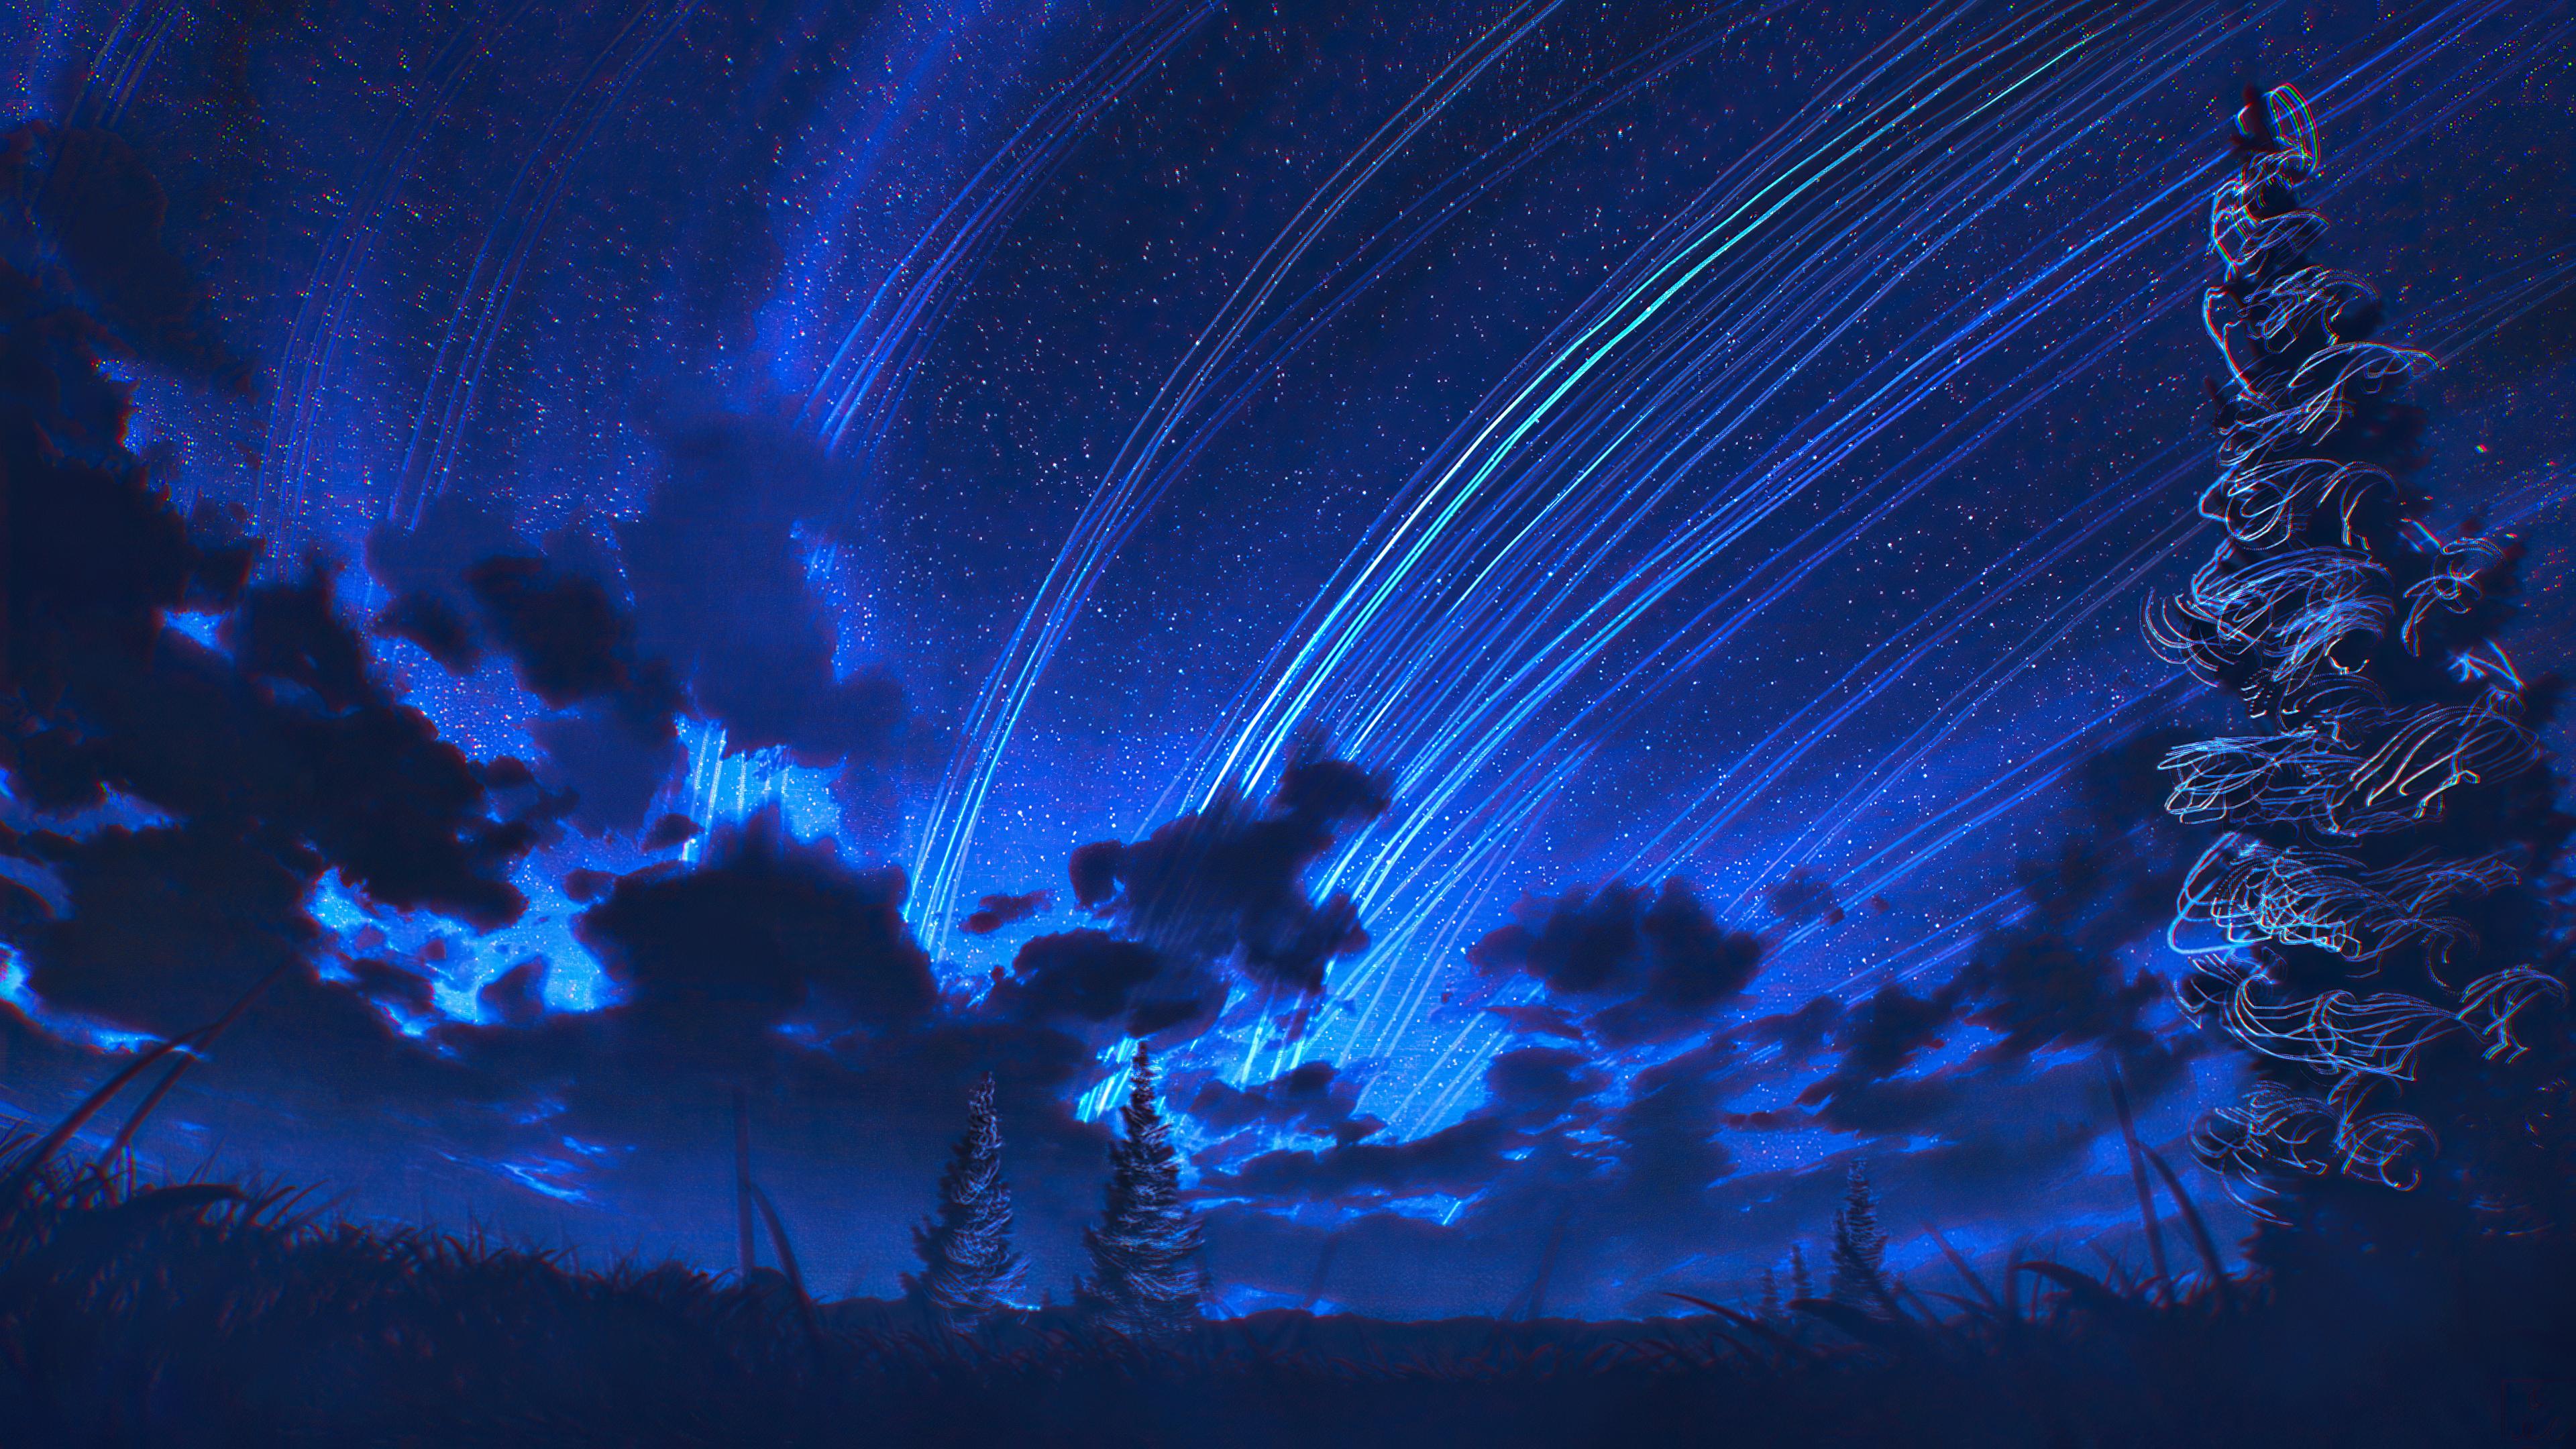 dark-clouds-stars-long-exposure-4k-s4.jpg